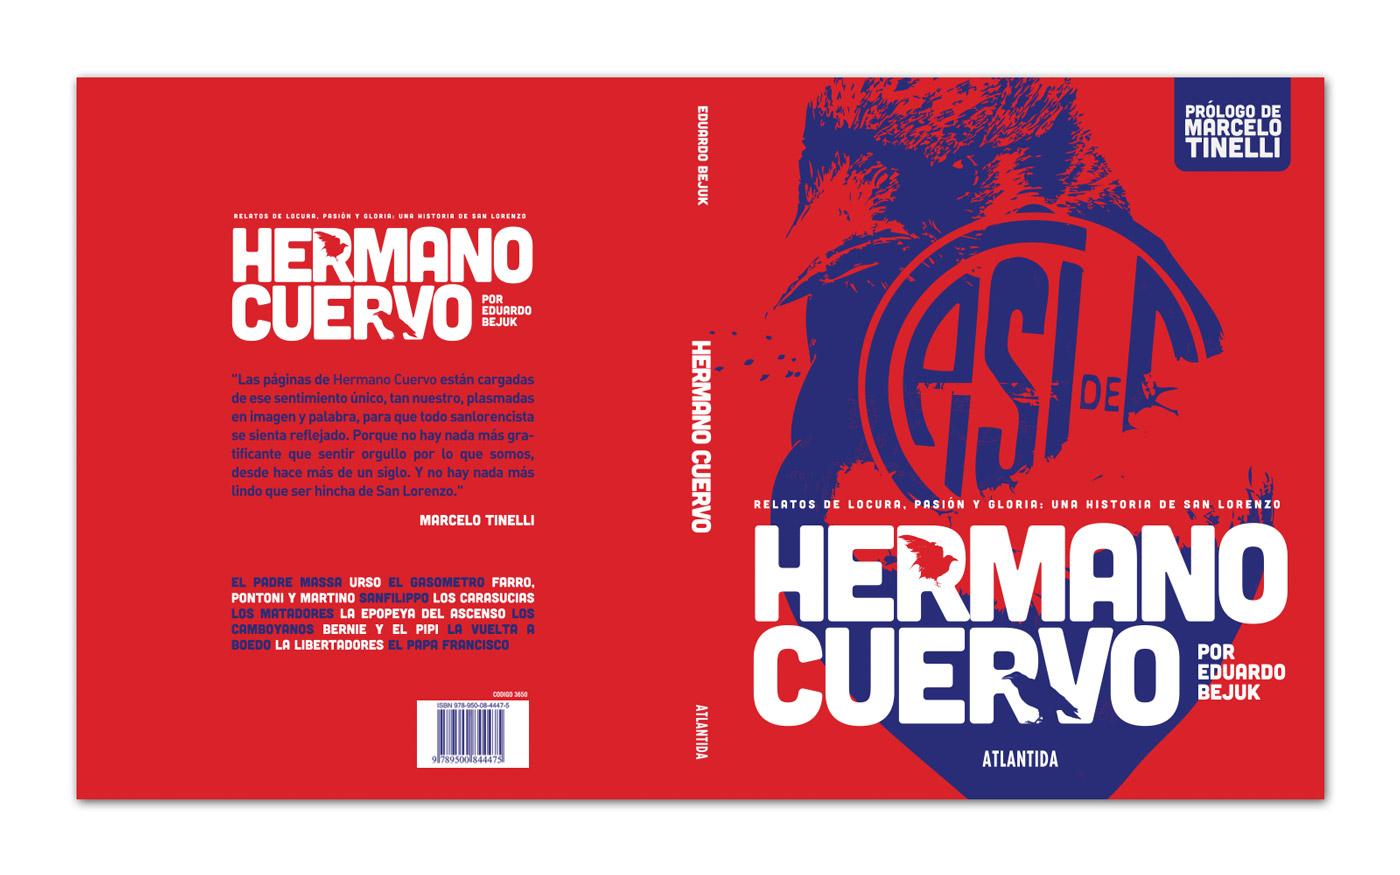 001.cuervo